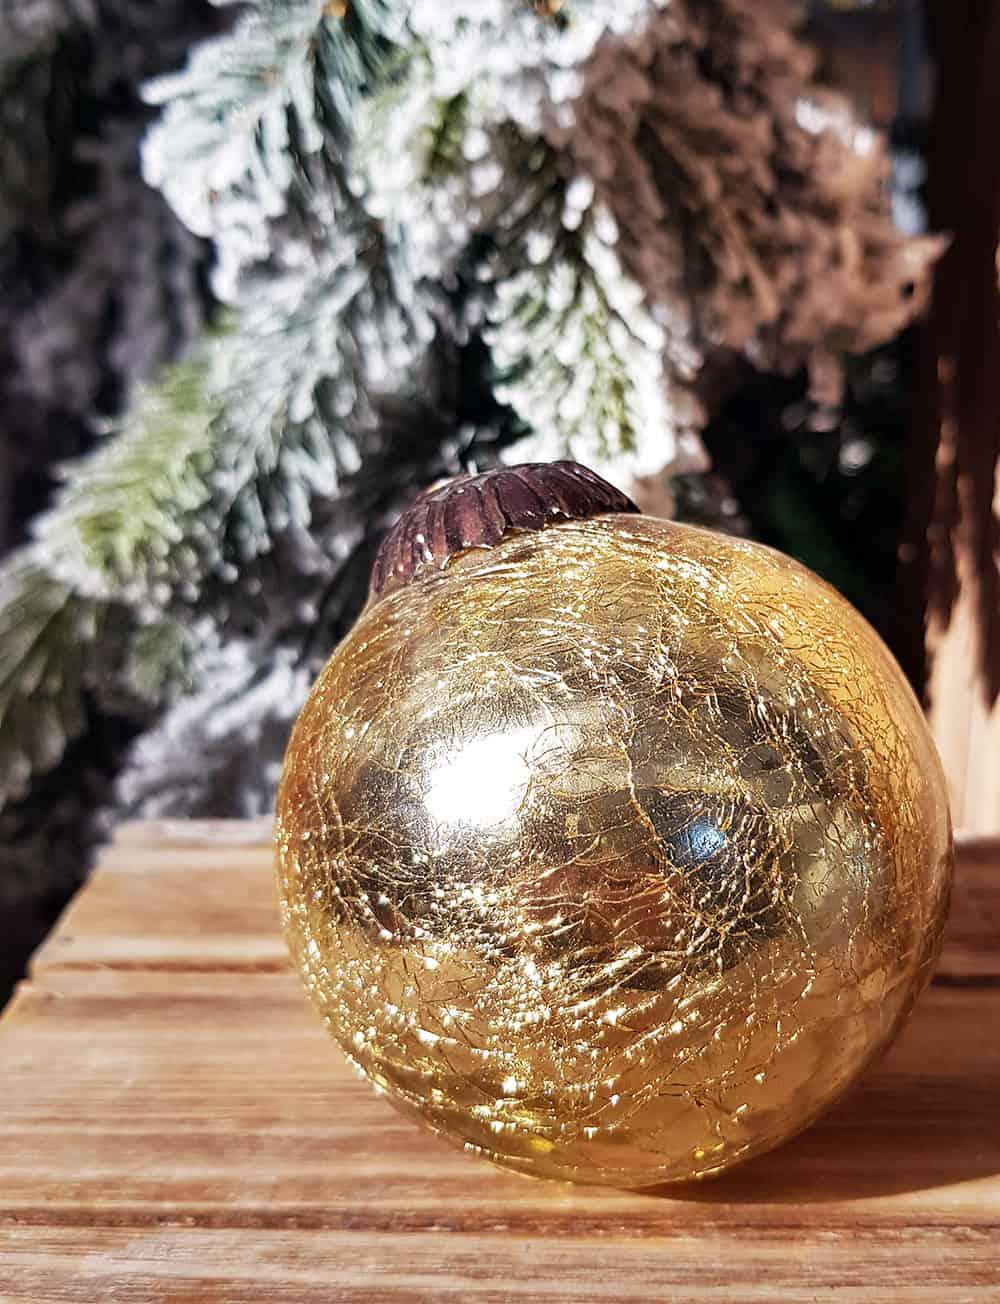 Weihnachtskugeln gold f r einen pr chtigen weihnachtsbaum - Weihnachtskugeln durchsichtig ...